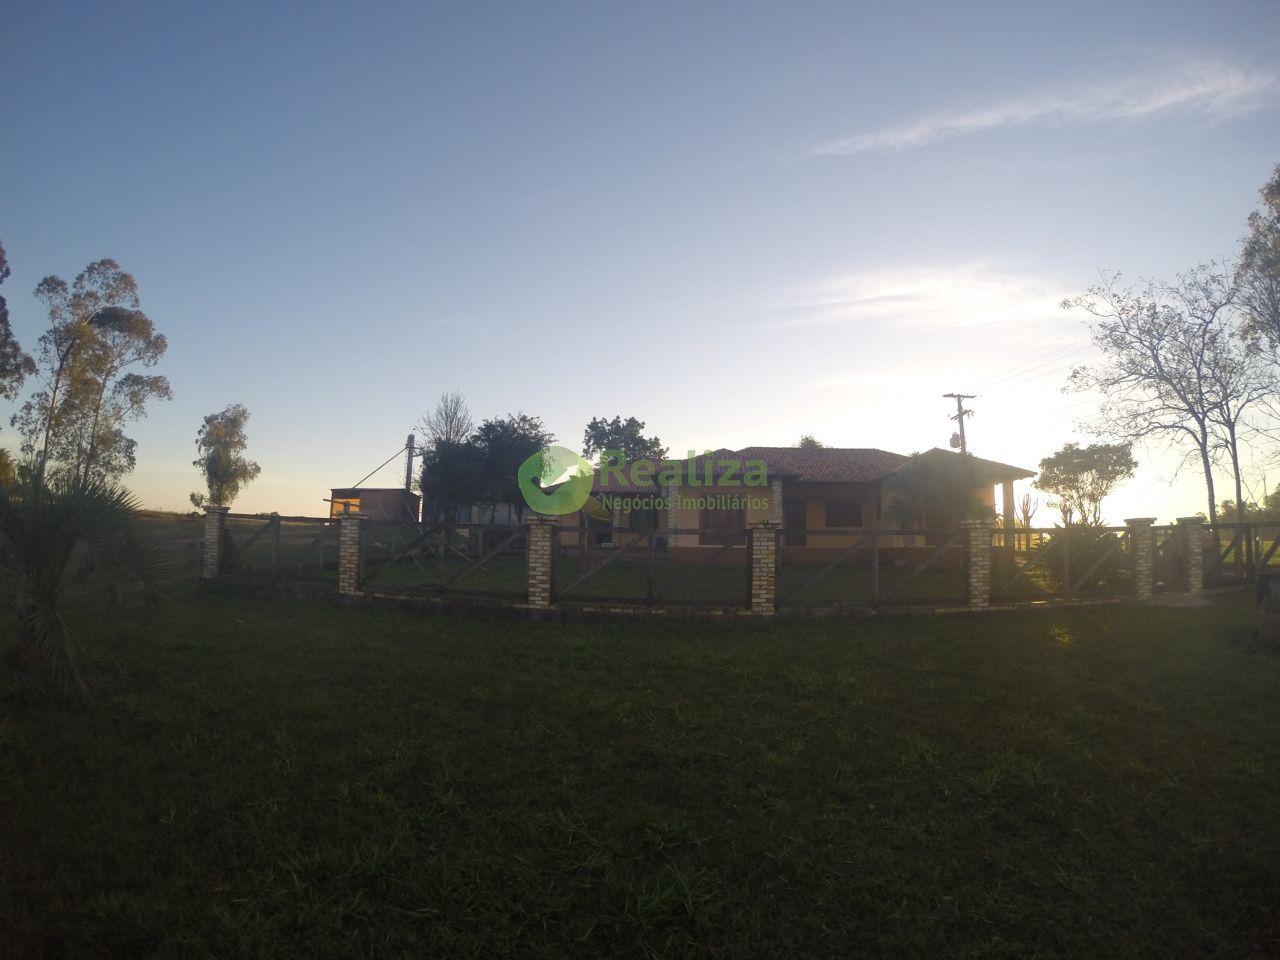 Fazenda/sítio/chácara/haras à venda  no Zona Rural - Cachoeira do Sul, RS. Imóveis